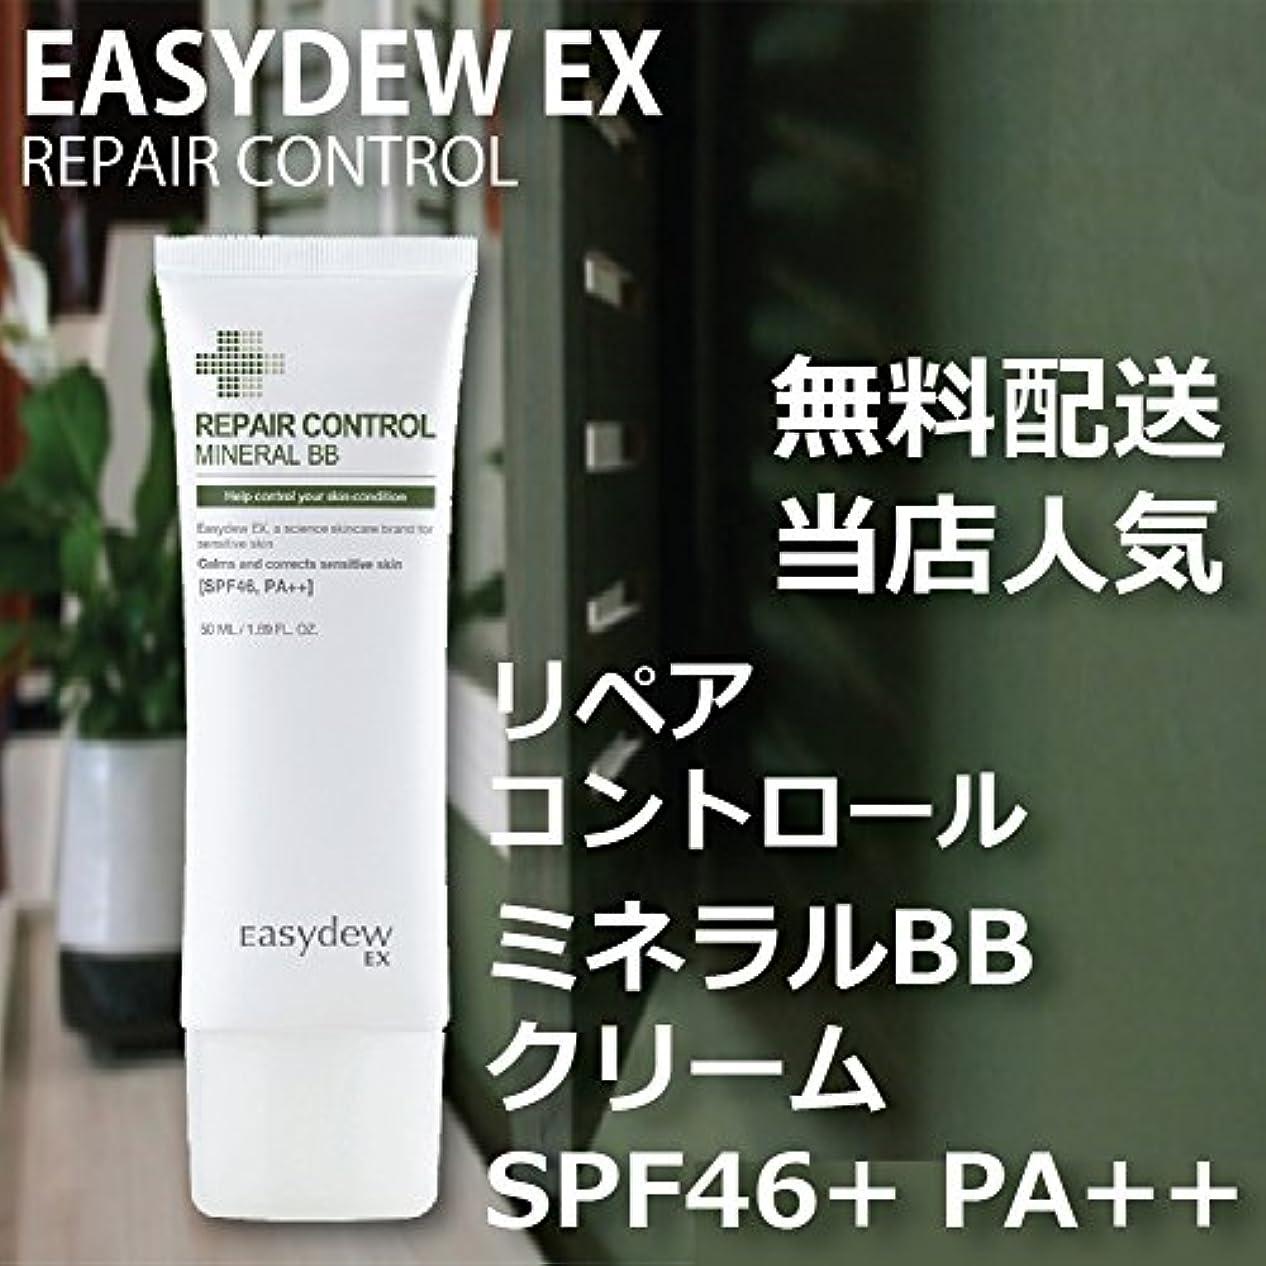 補助期限拒絶するEASY DEW EX ミネラル BBクリーム SPF46+ PA++ 50ml MINRAL BB CREAM 韓国 人気 コスメ イージーデュー 敏感 乾燥 美白 しわ 3重機能性